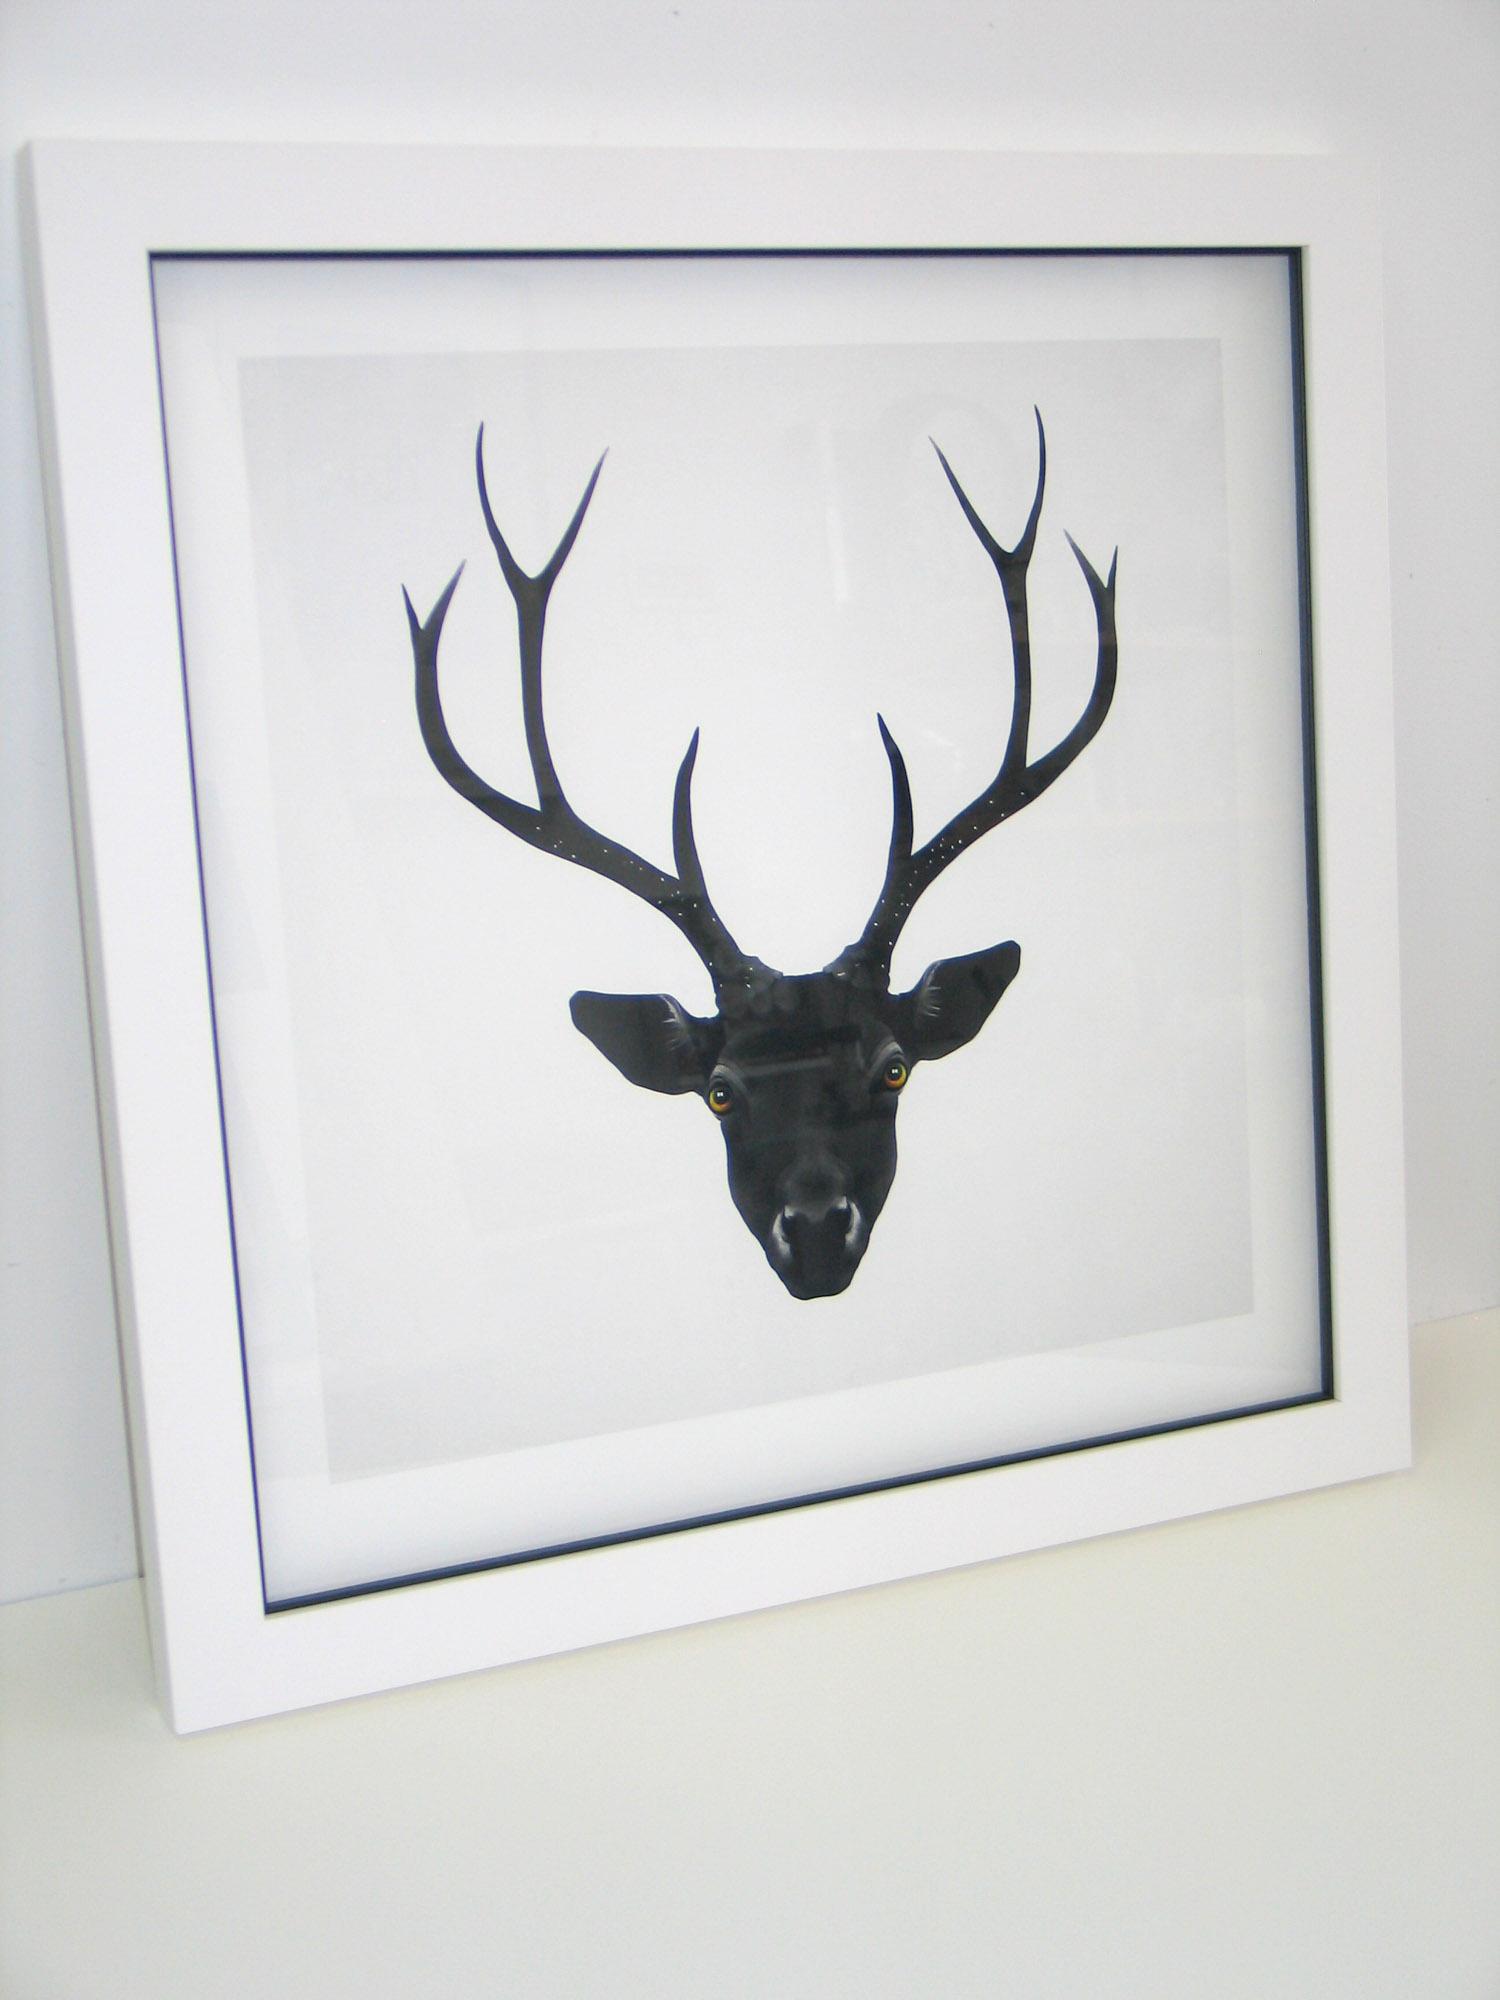 Rueben Ireland - The Black Deer